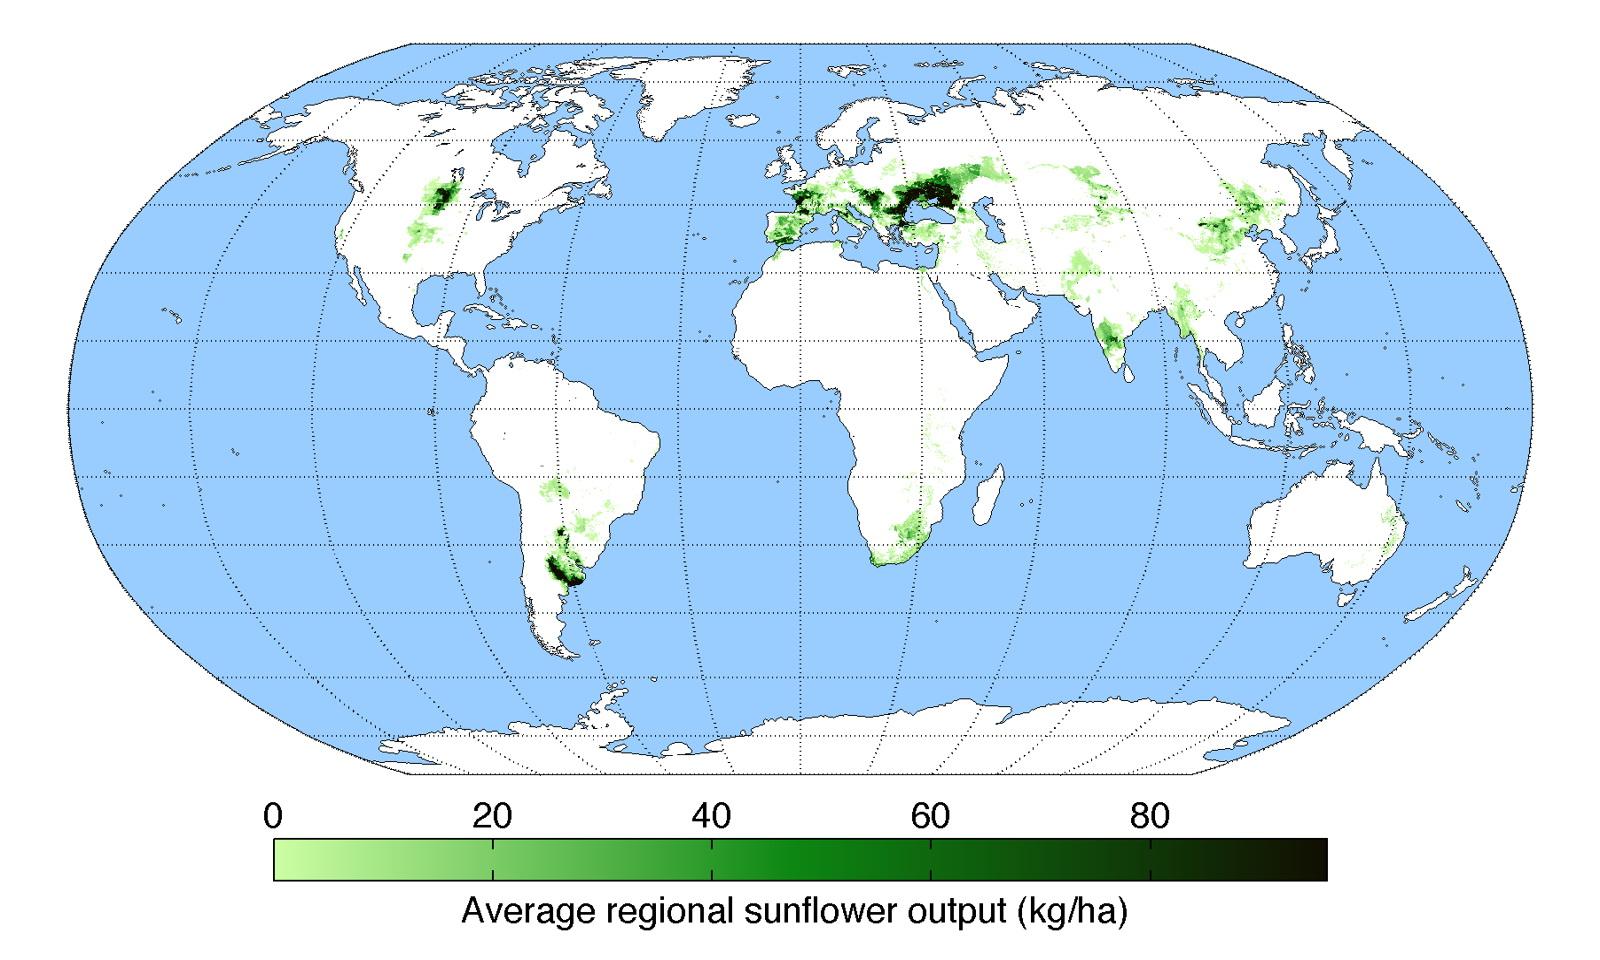 The sunflower crop around the World